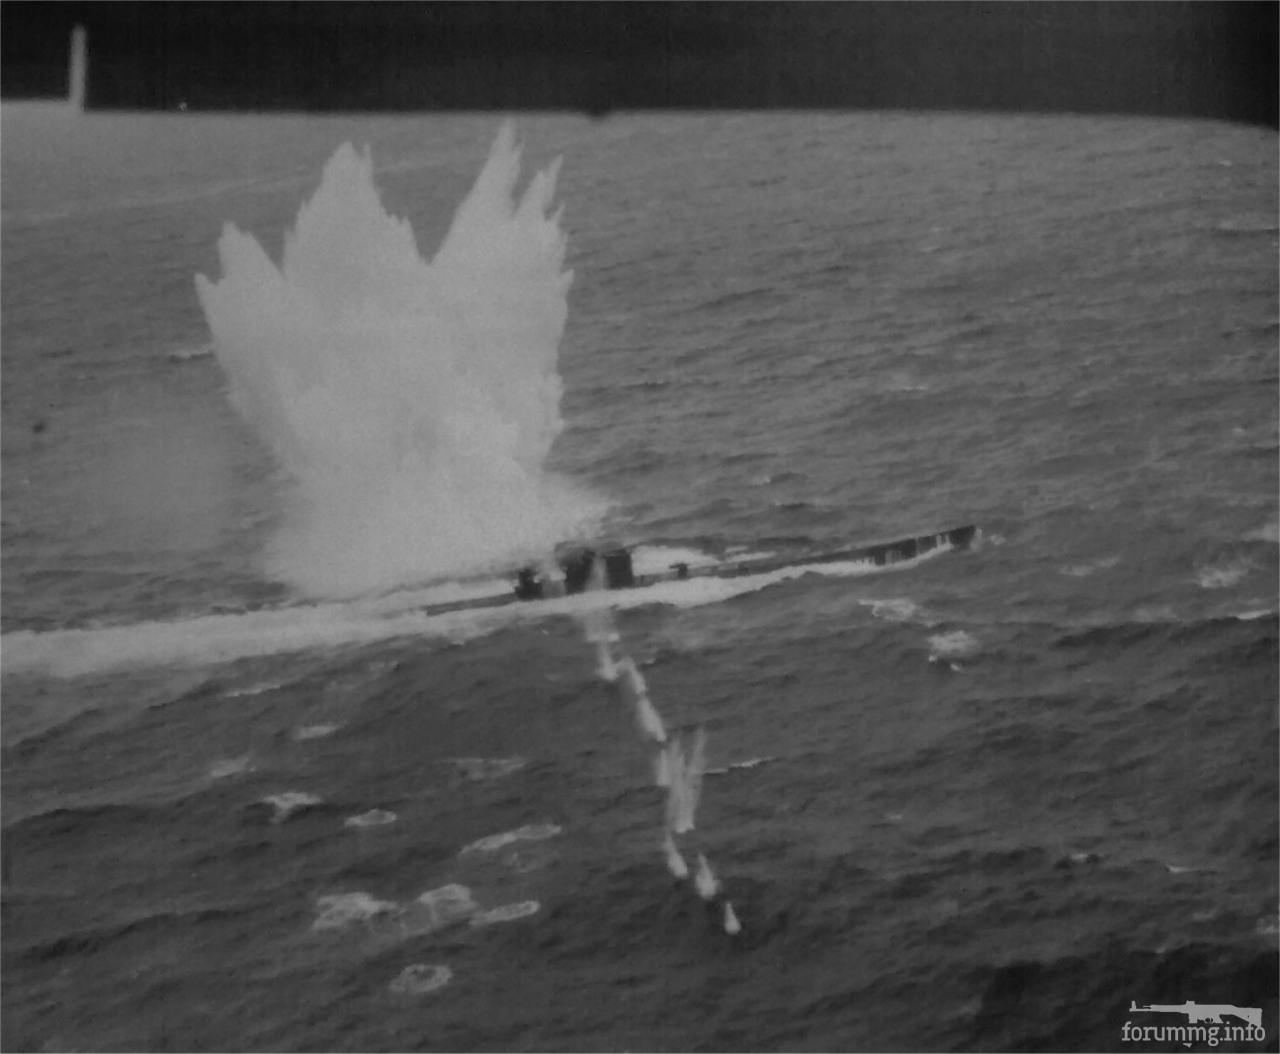 132297 - Уничтожение U-848, 05 ноября 1943 г.